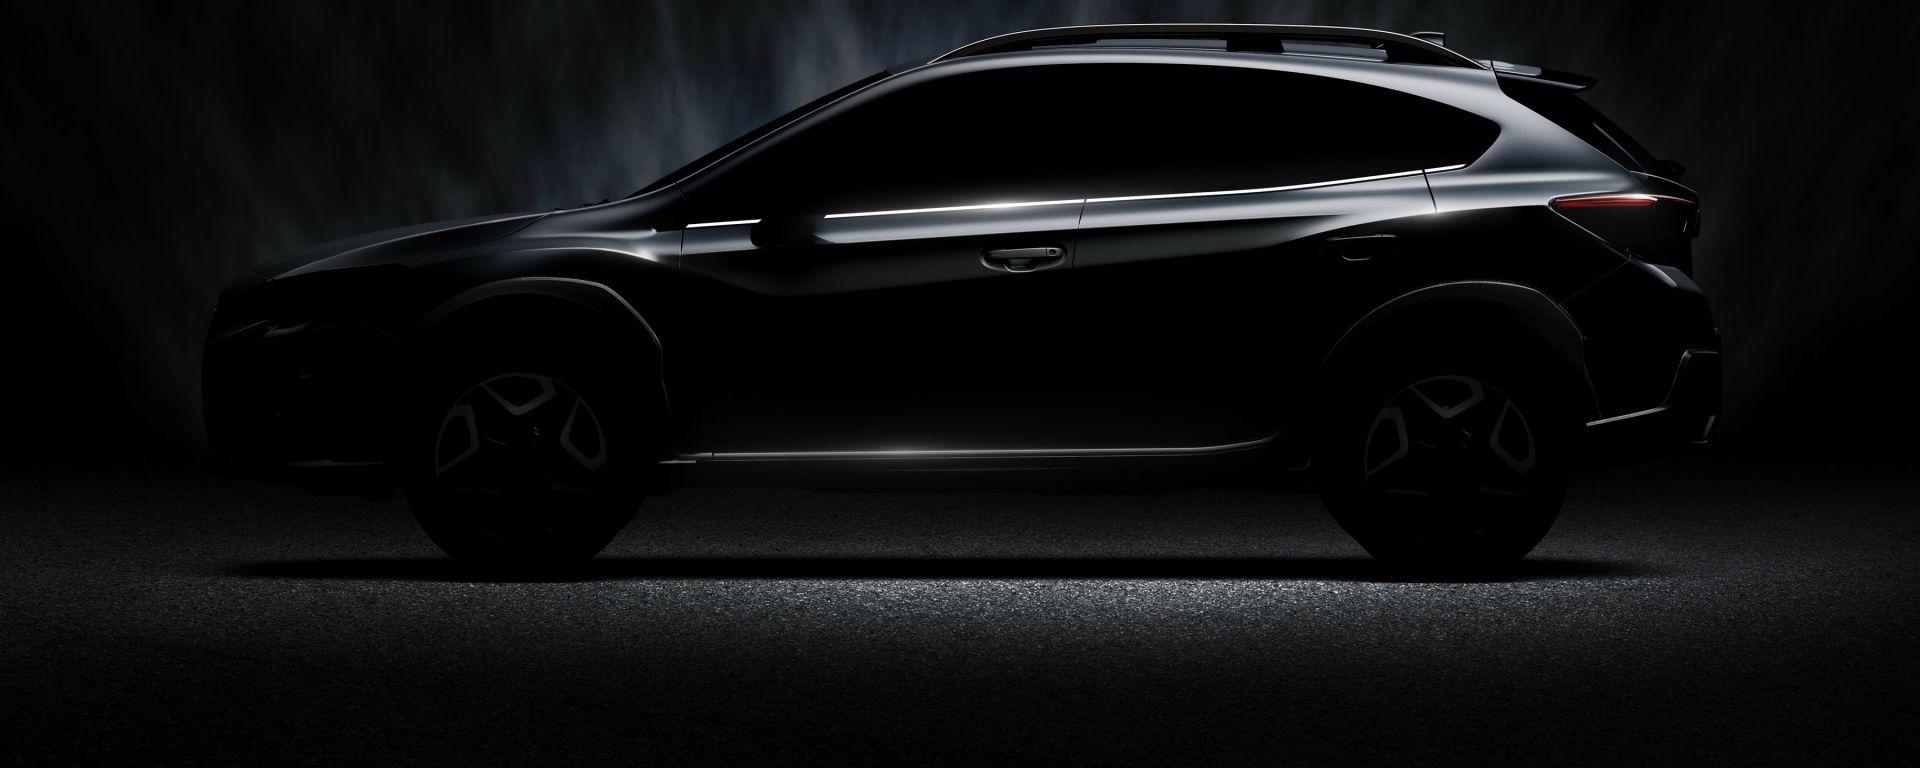 La nuova Subaru XV che verrà presentata al salone di Ginevra